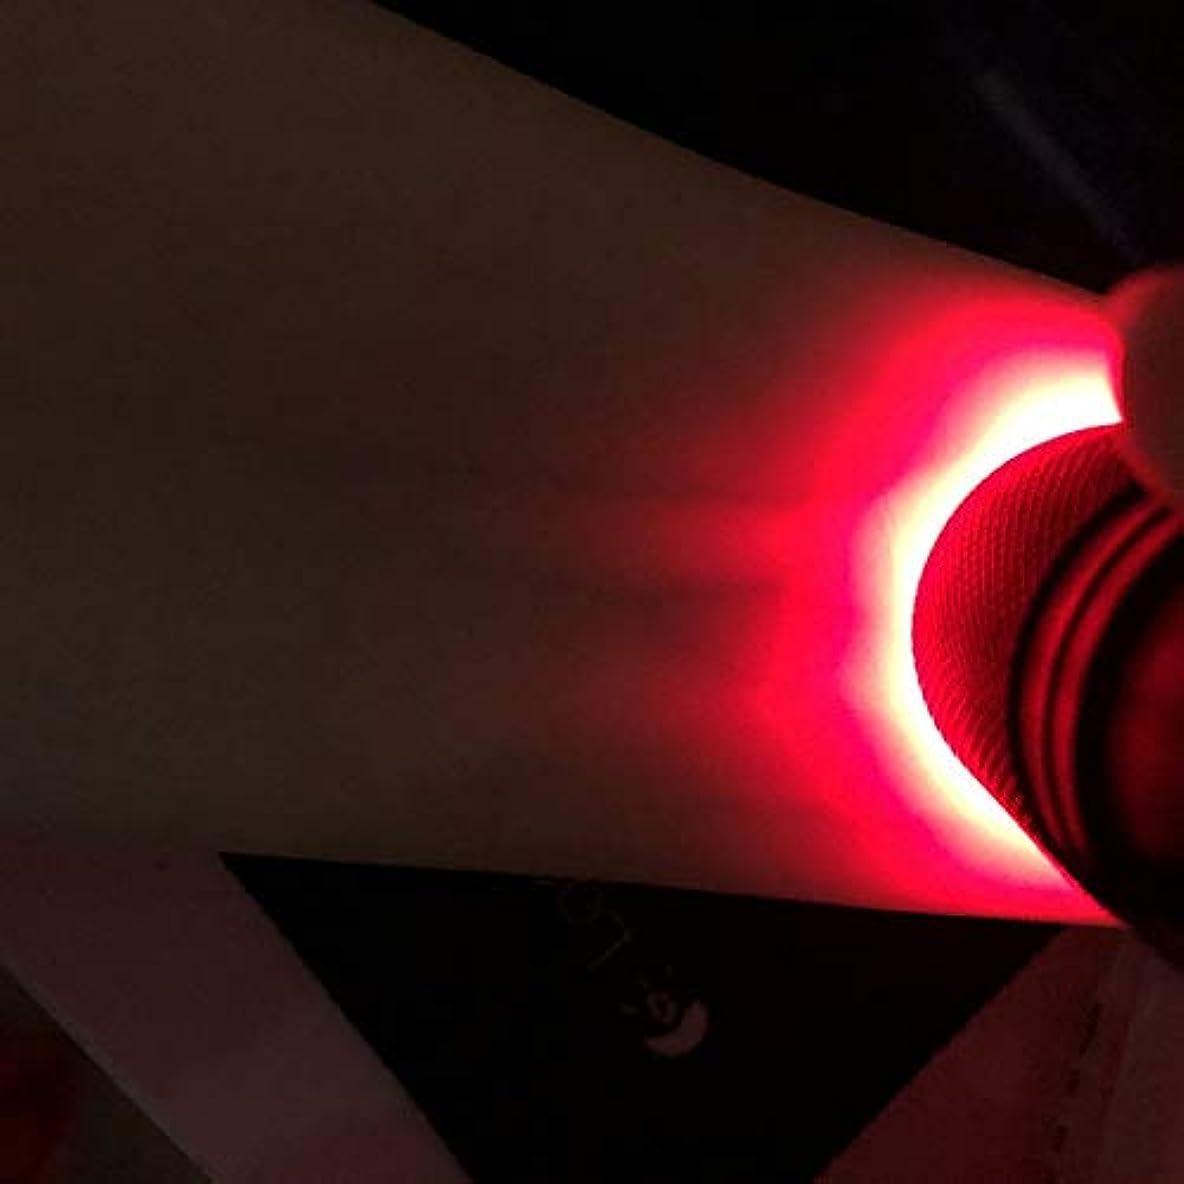 クマノミ準拠ボーカル静脈イメージング懐中電灯血管ディスプレイ懐中電灯手穿刺による血管ライトの確認皮下静脈デバイスの発見が容易